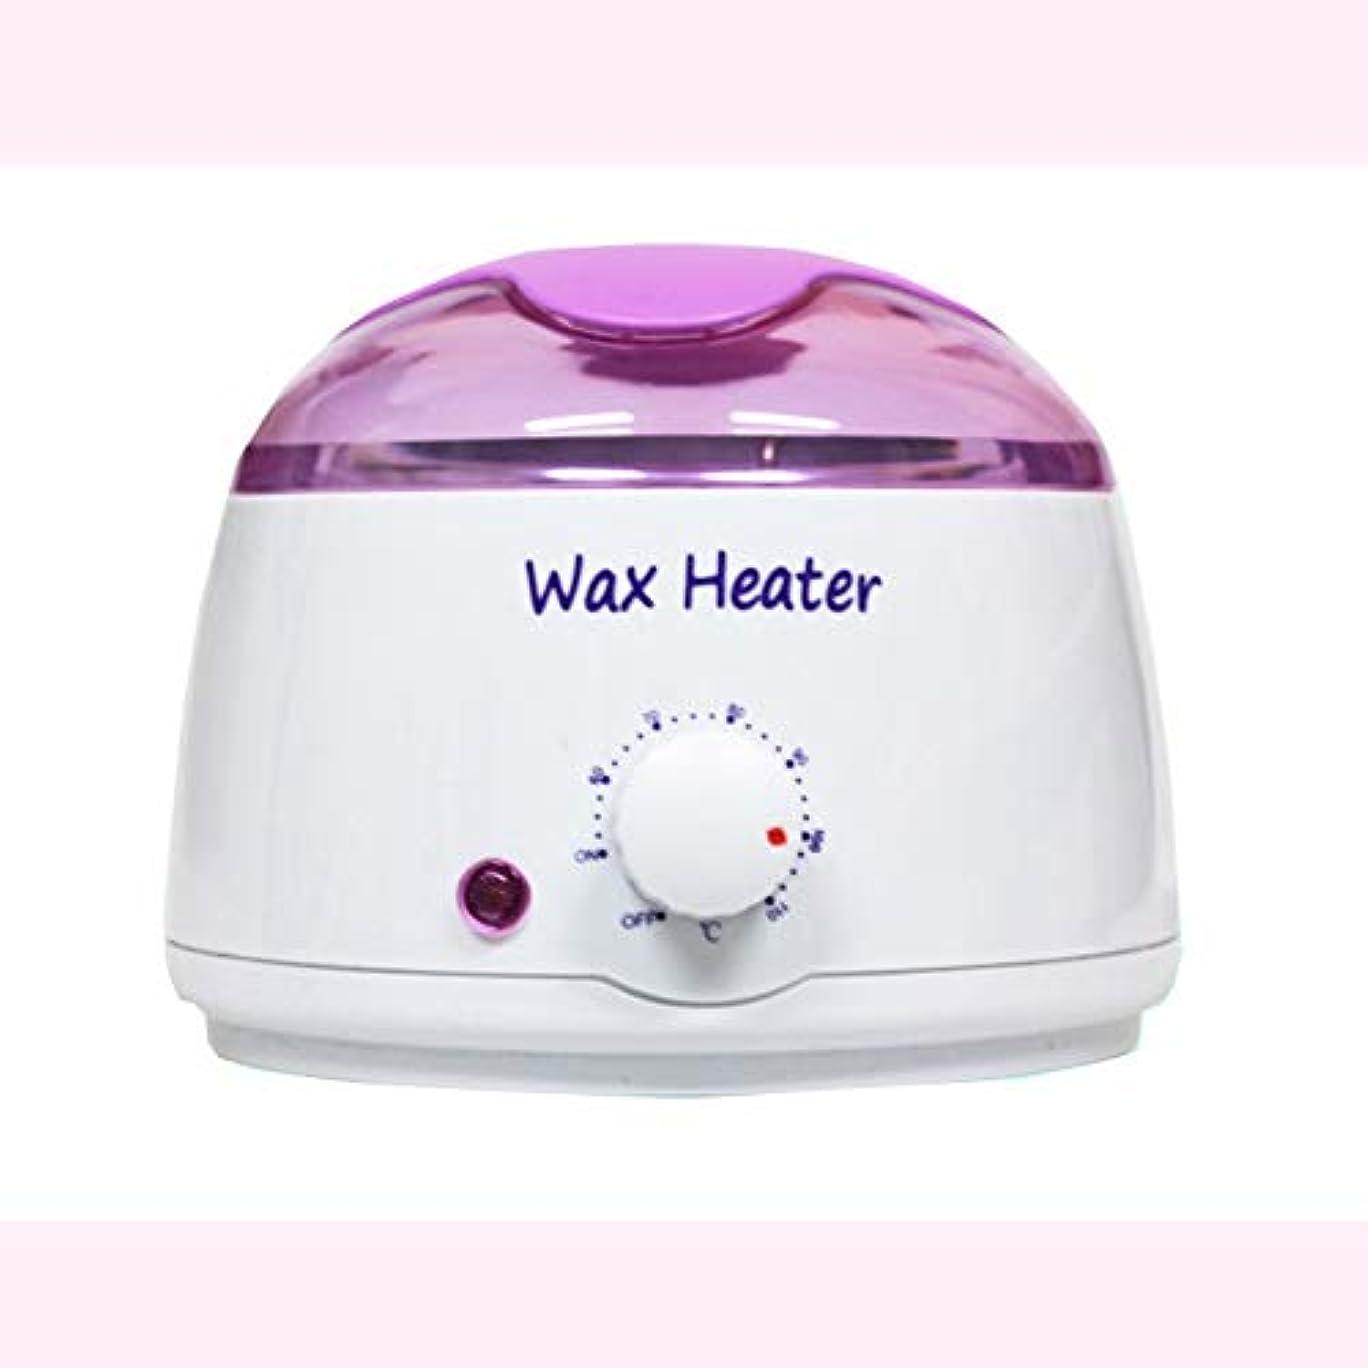 ヒューマニスティック敏感な品種専門の電気ワックスのウォーマーおよびヒーター、女性/人のための毛の取り外しの家のワックスのためのワックスのメルターは小型多機能のワックス機械を熱します